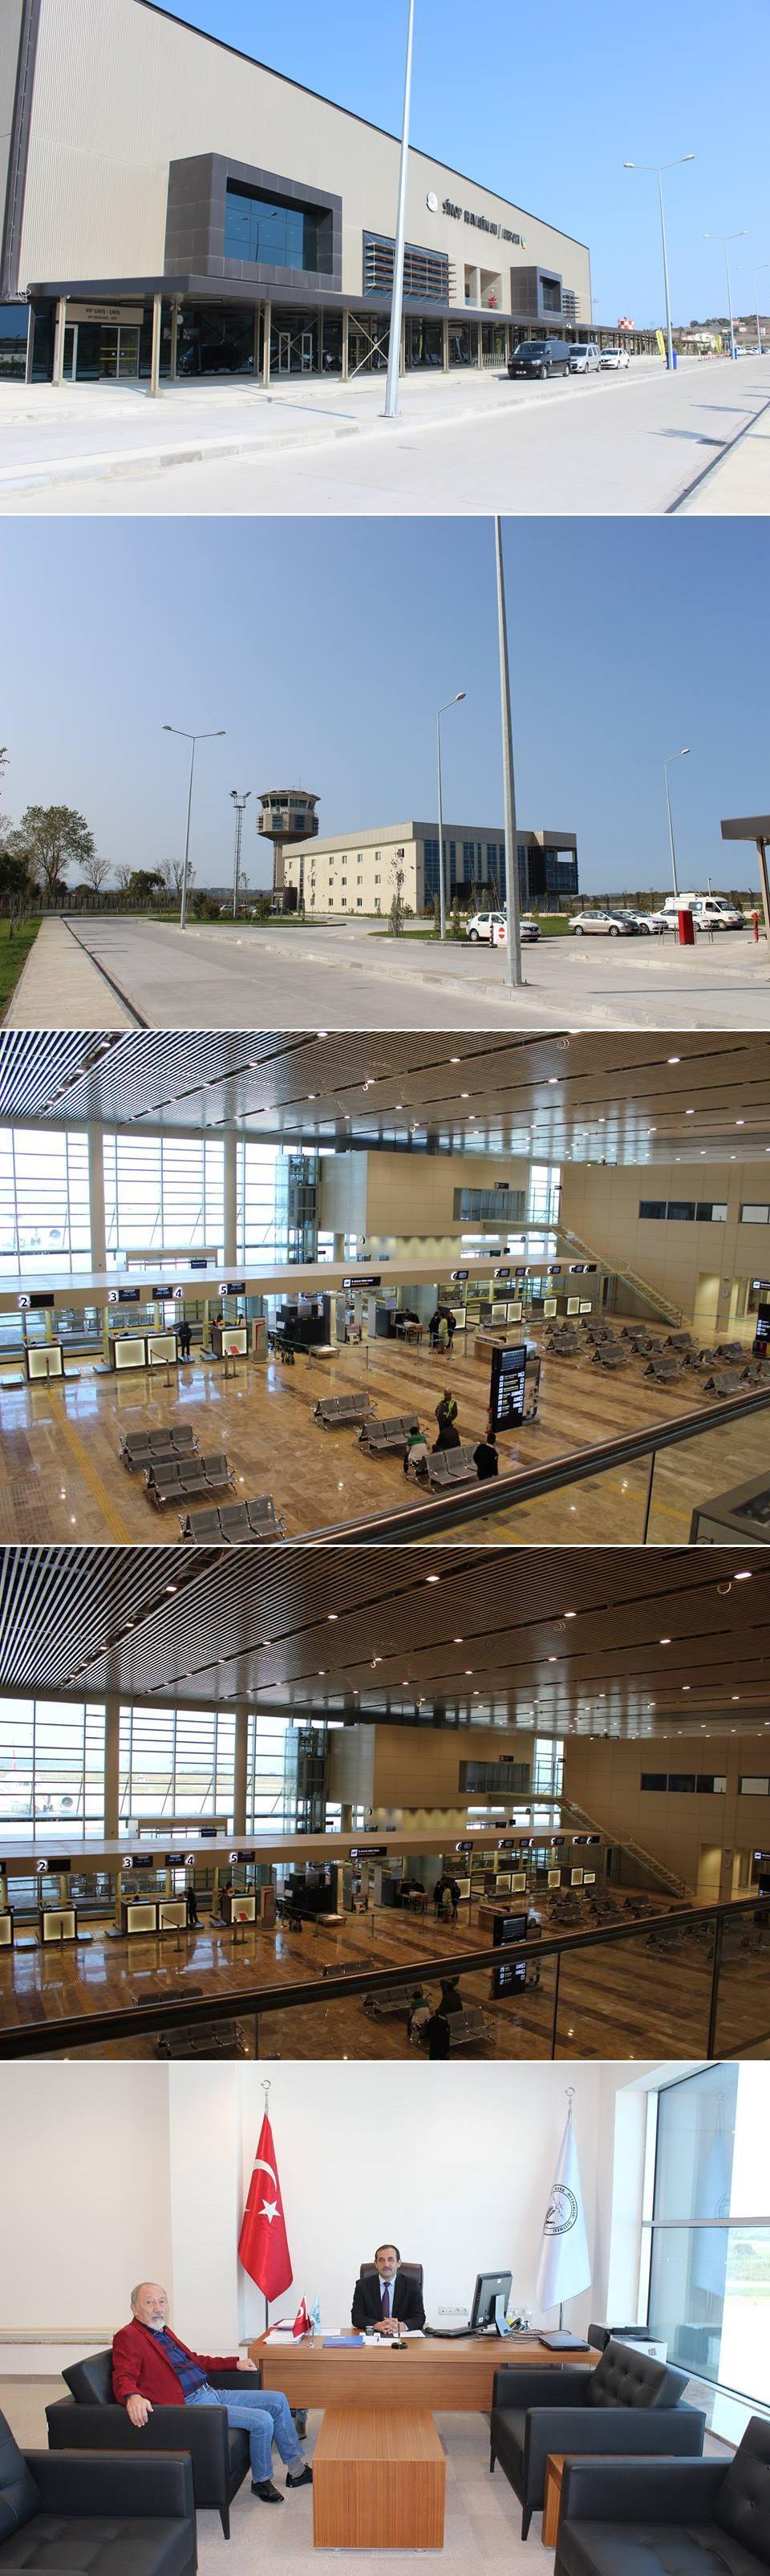 sinop_havaalanı